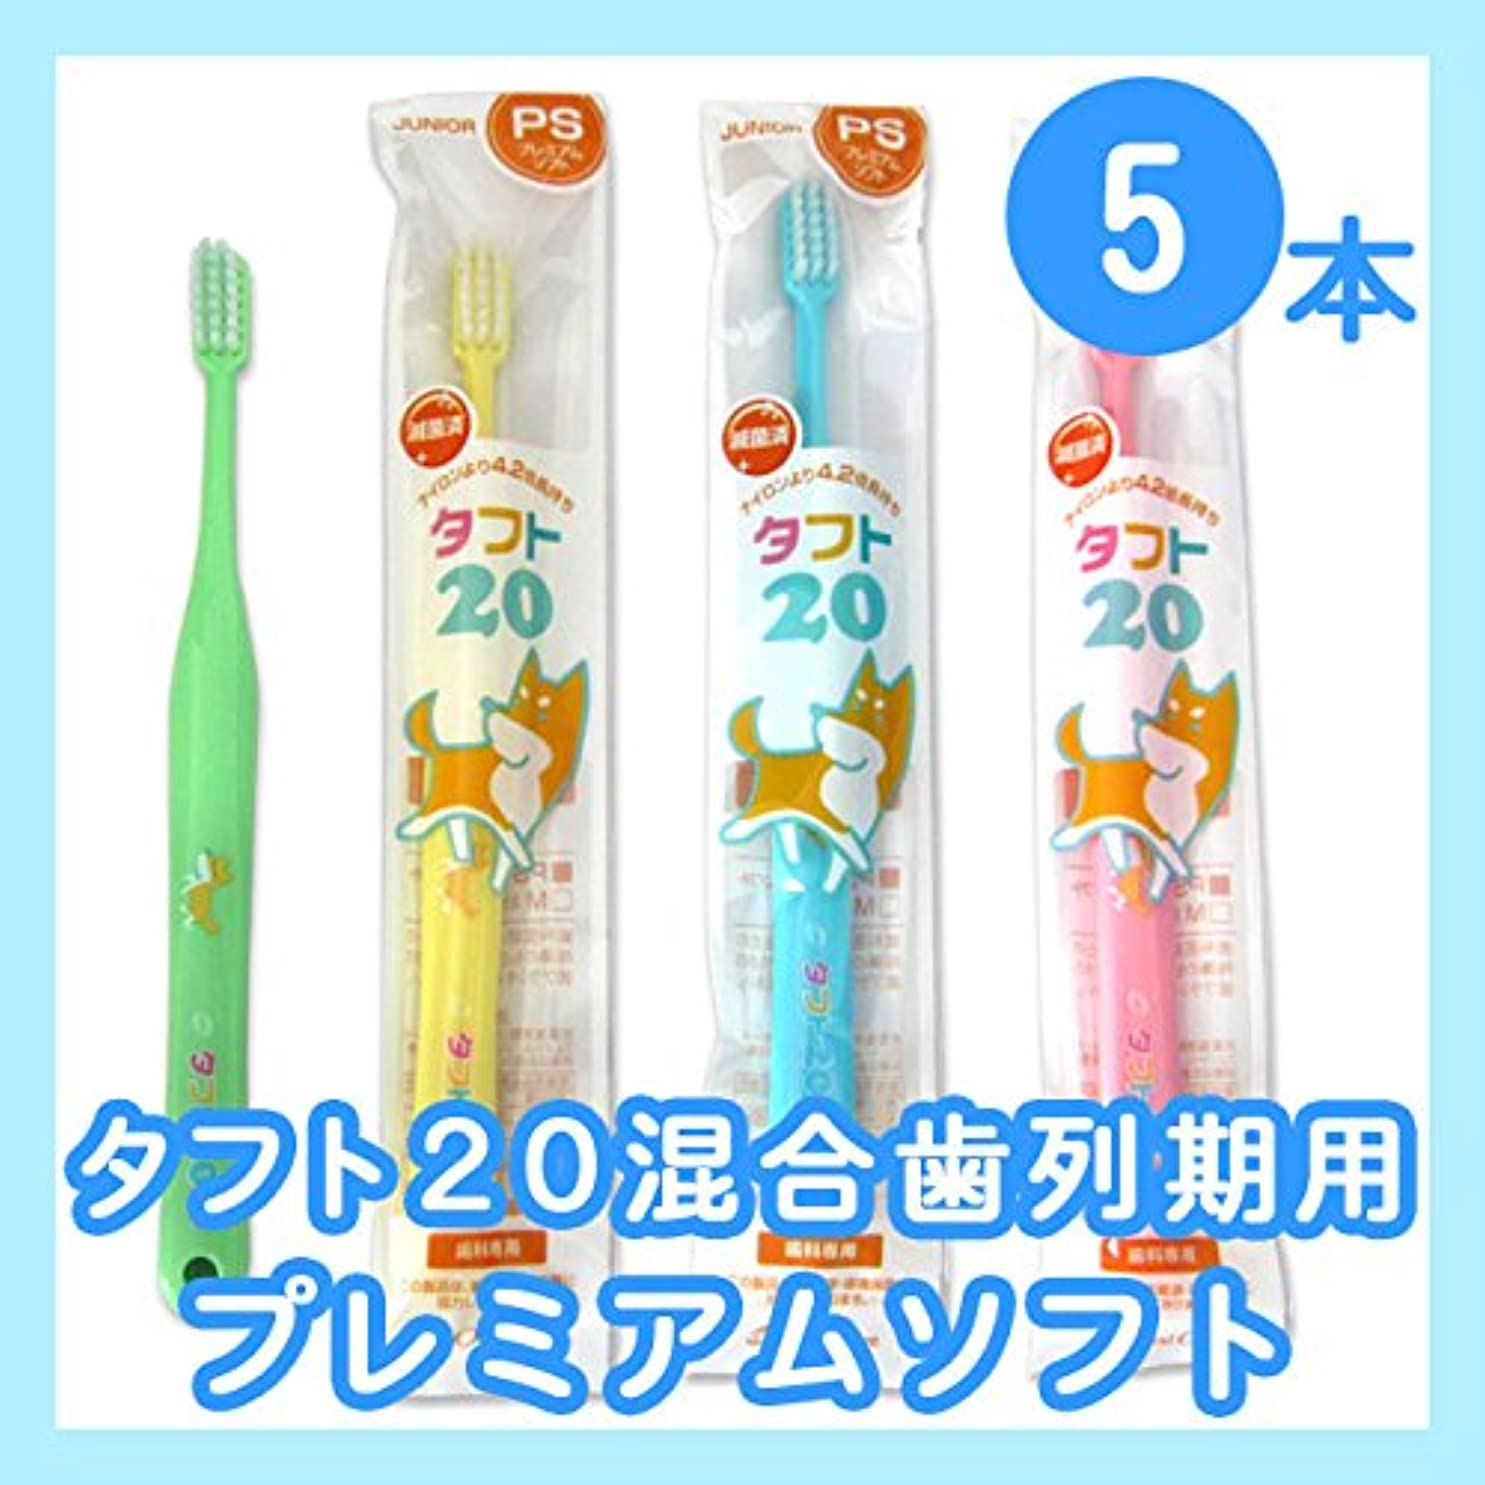 開発する生命体デコレーションタフト20 5本 オーラルケア タフト20 プレミアムソフト タフト 混合歯列期用(6~12歳) 子供(こども) 歯ブラシ 5本セ イエロー